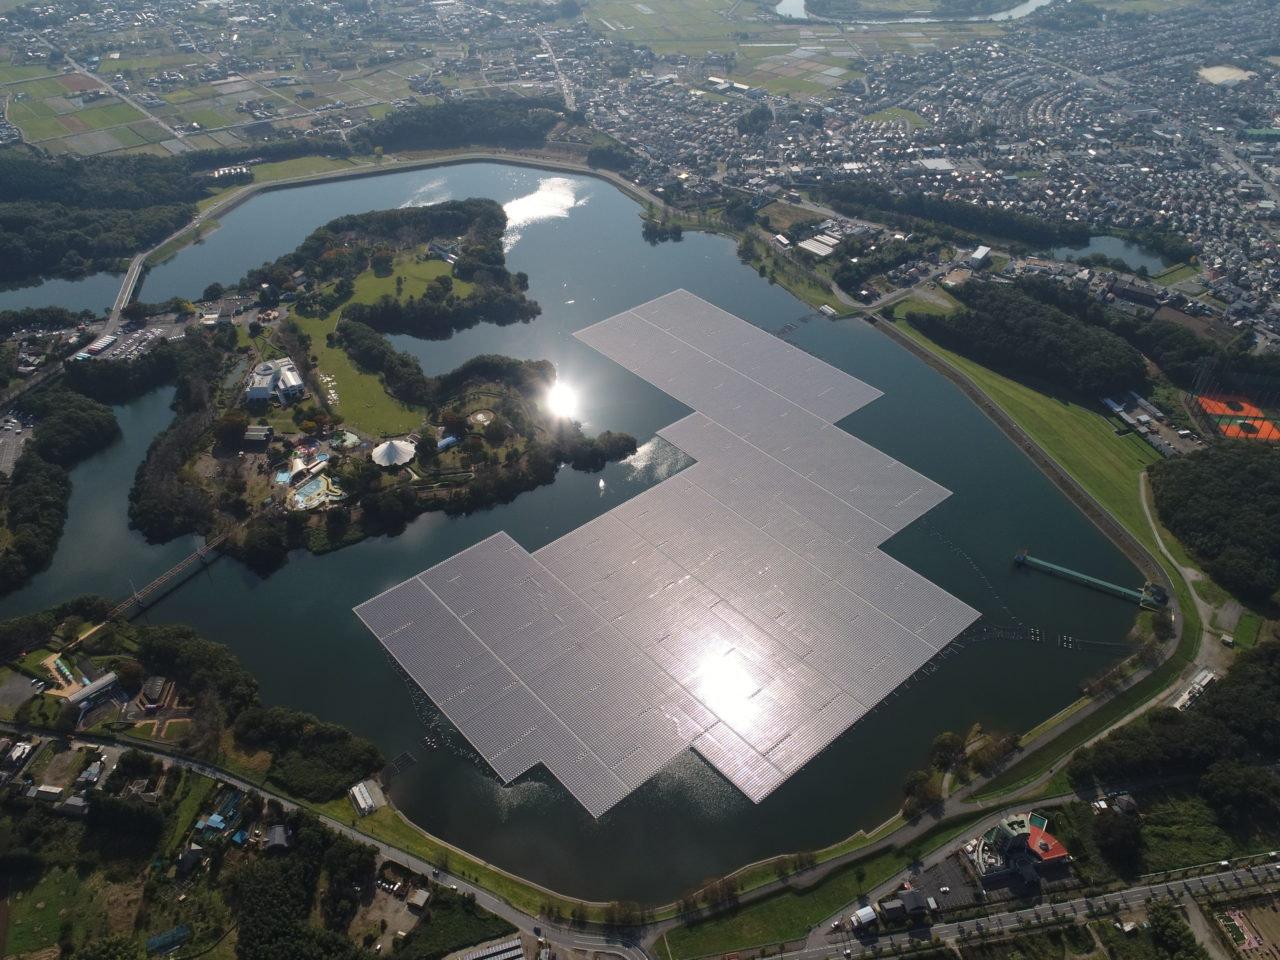 Floatovoltaics array on Yamakura Dam in Japan